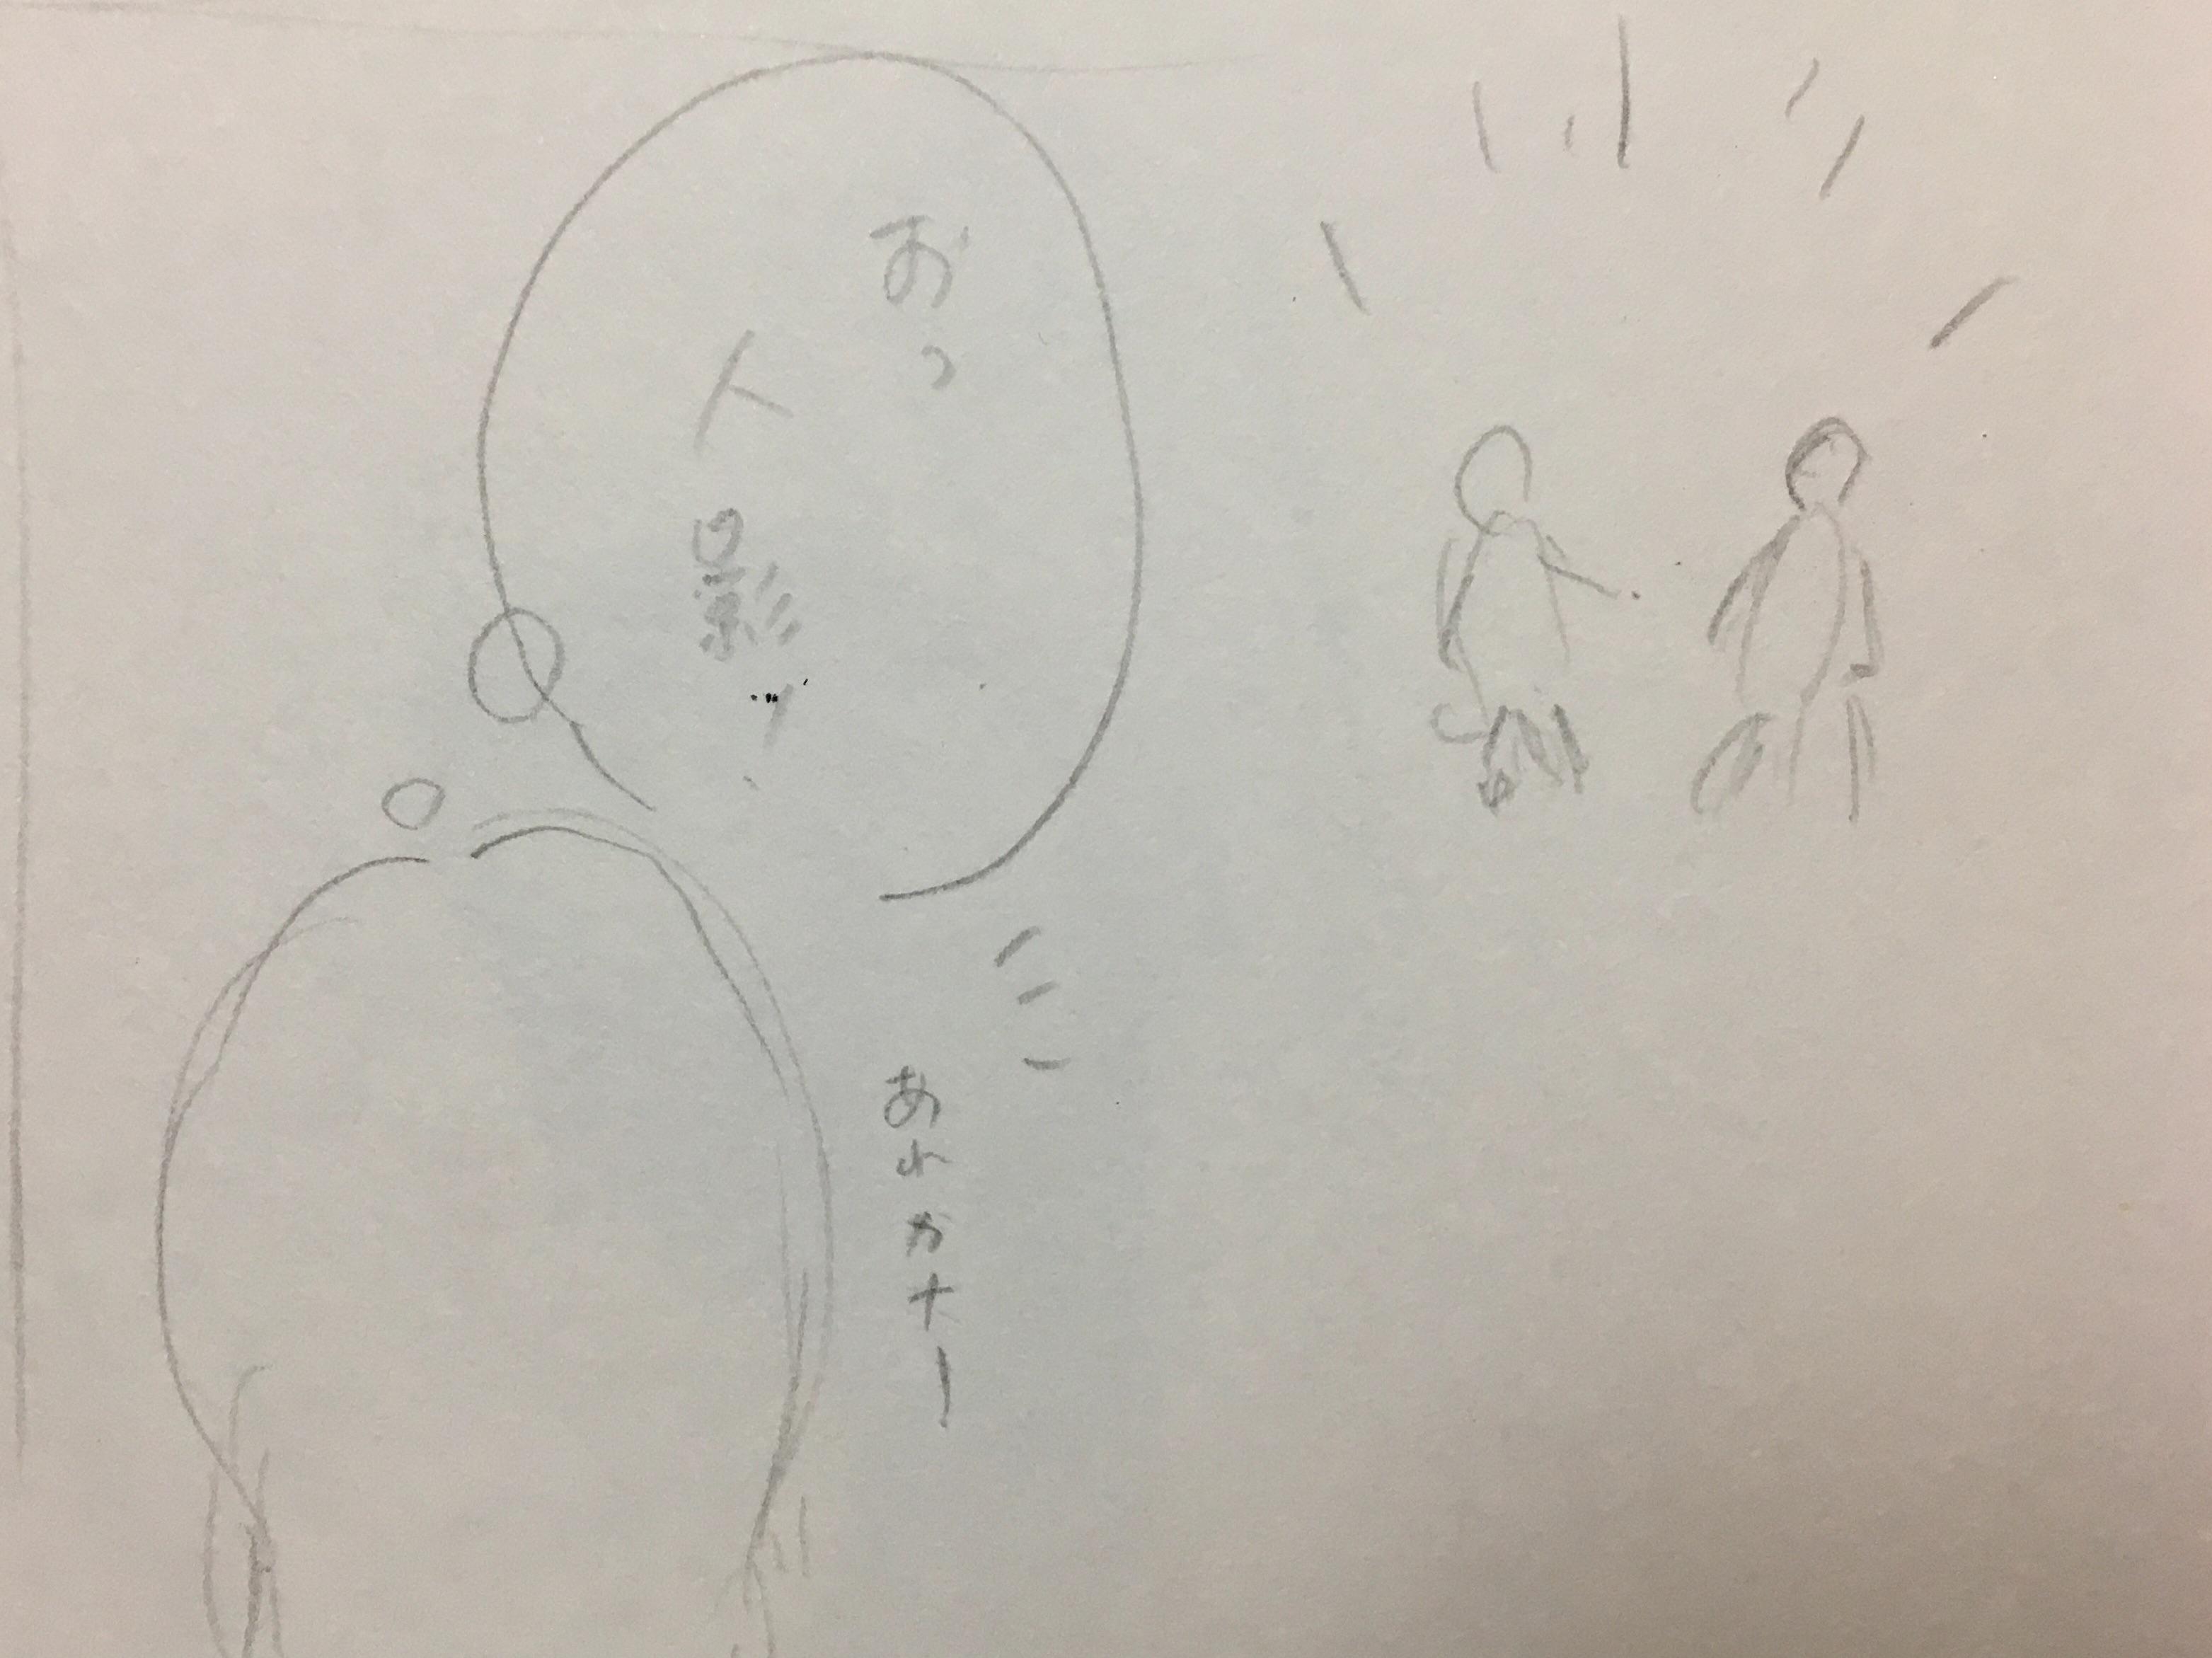 f:id:kaminashiko:20180625001355j:plain